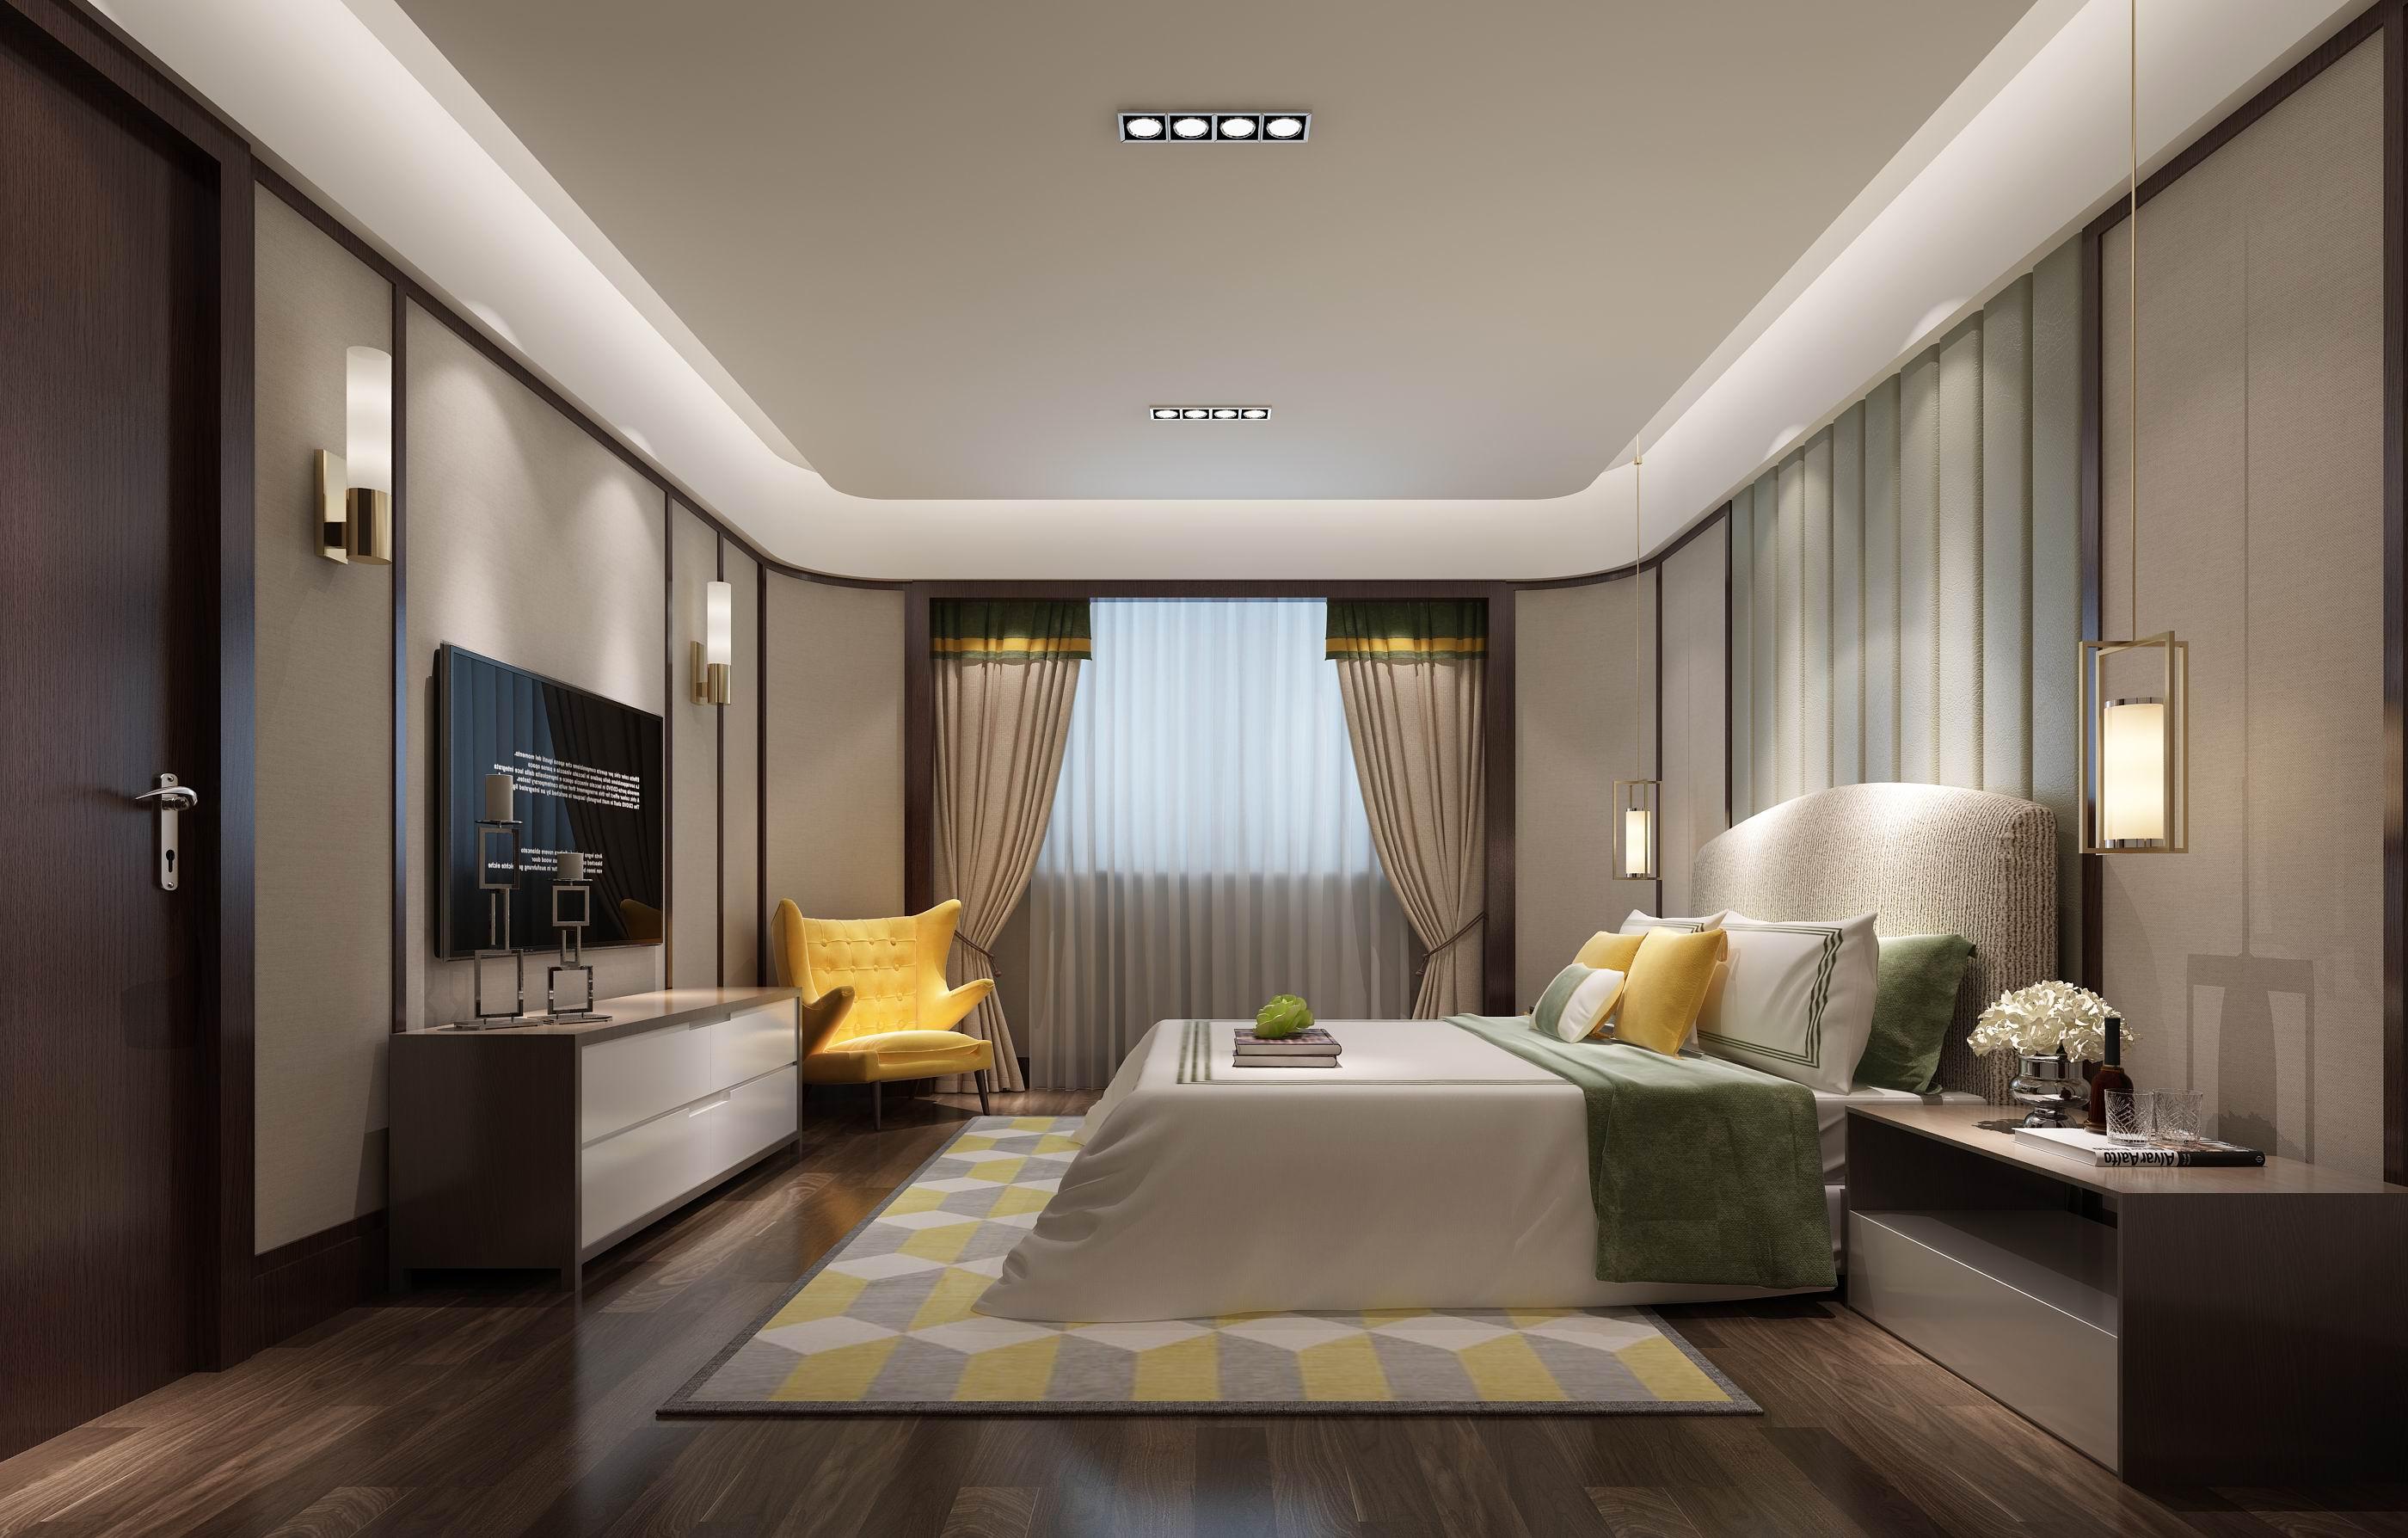 别墅 设计 装修 案例 新中式 次卧图片来自无锡别墅设计s在沁春园450㎡新中新别墅案例的分享